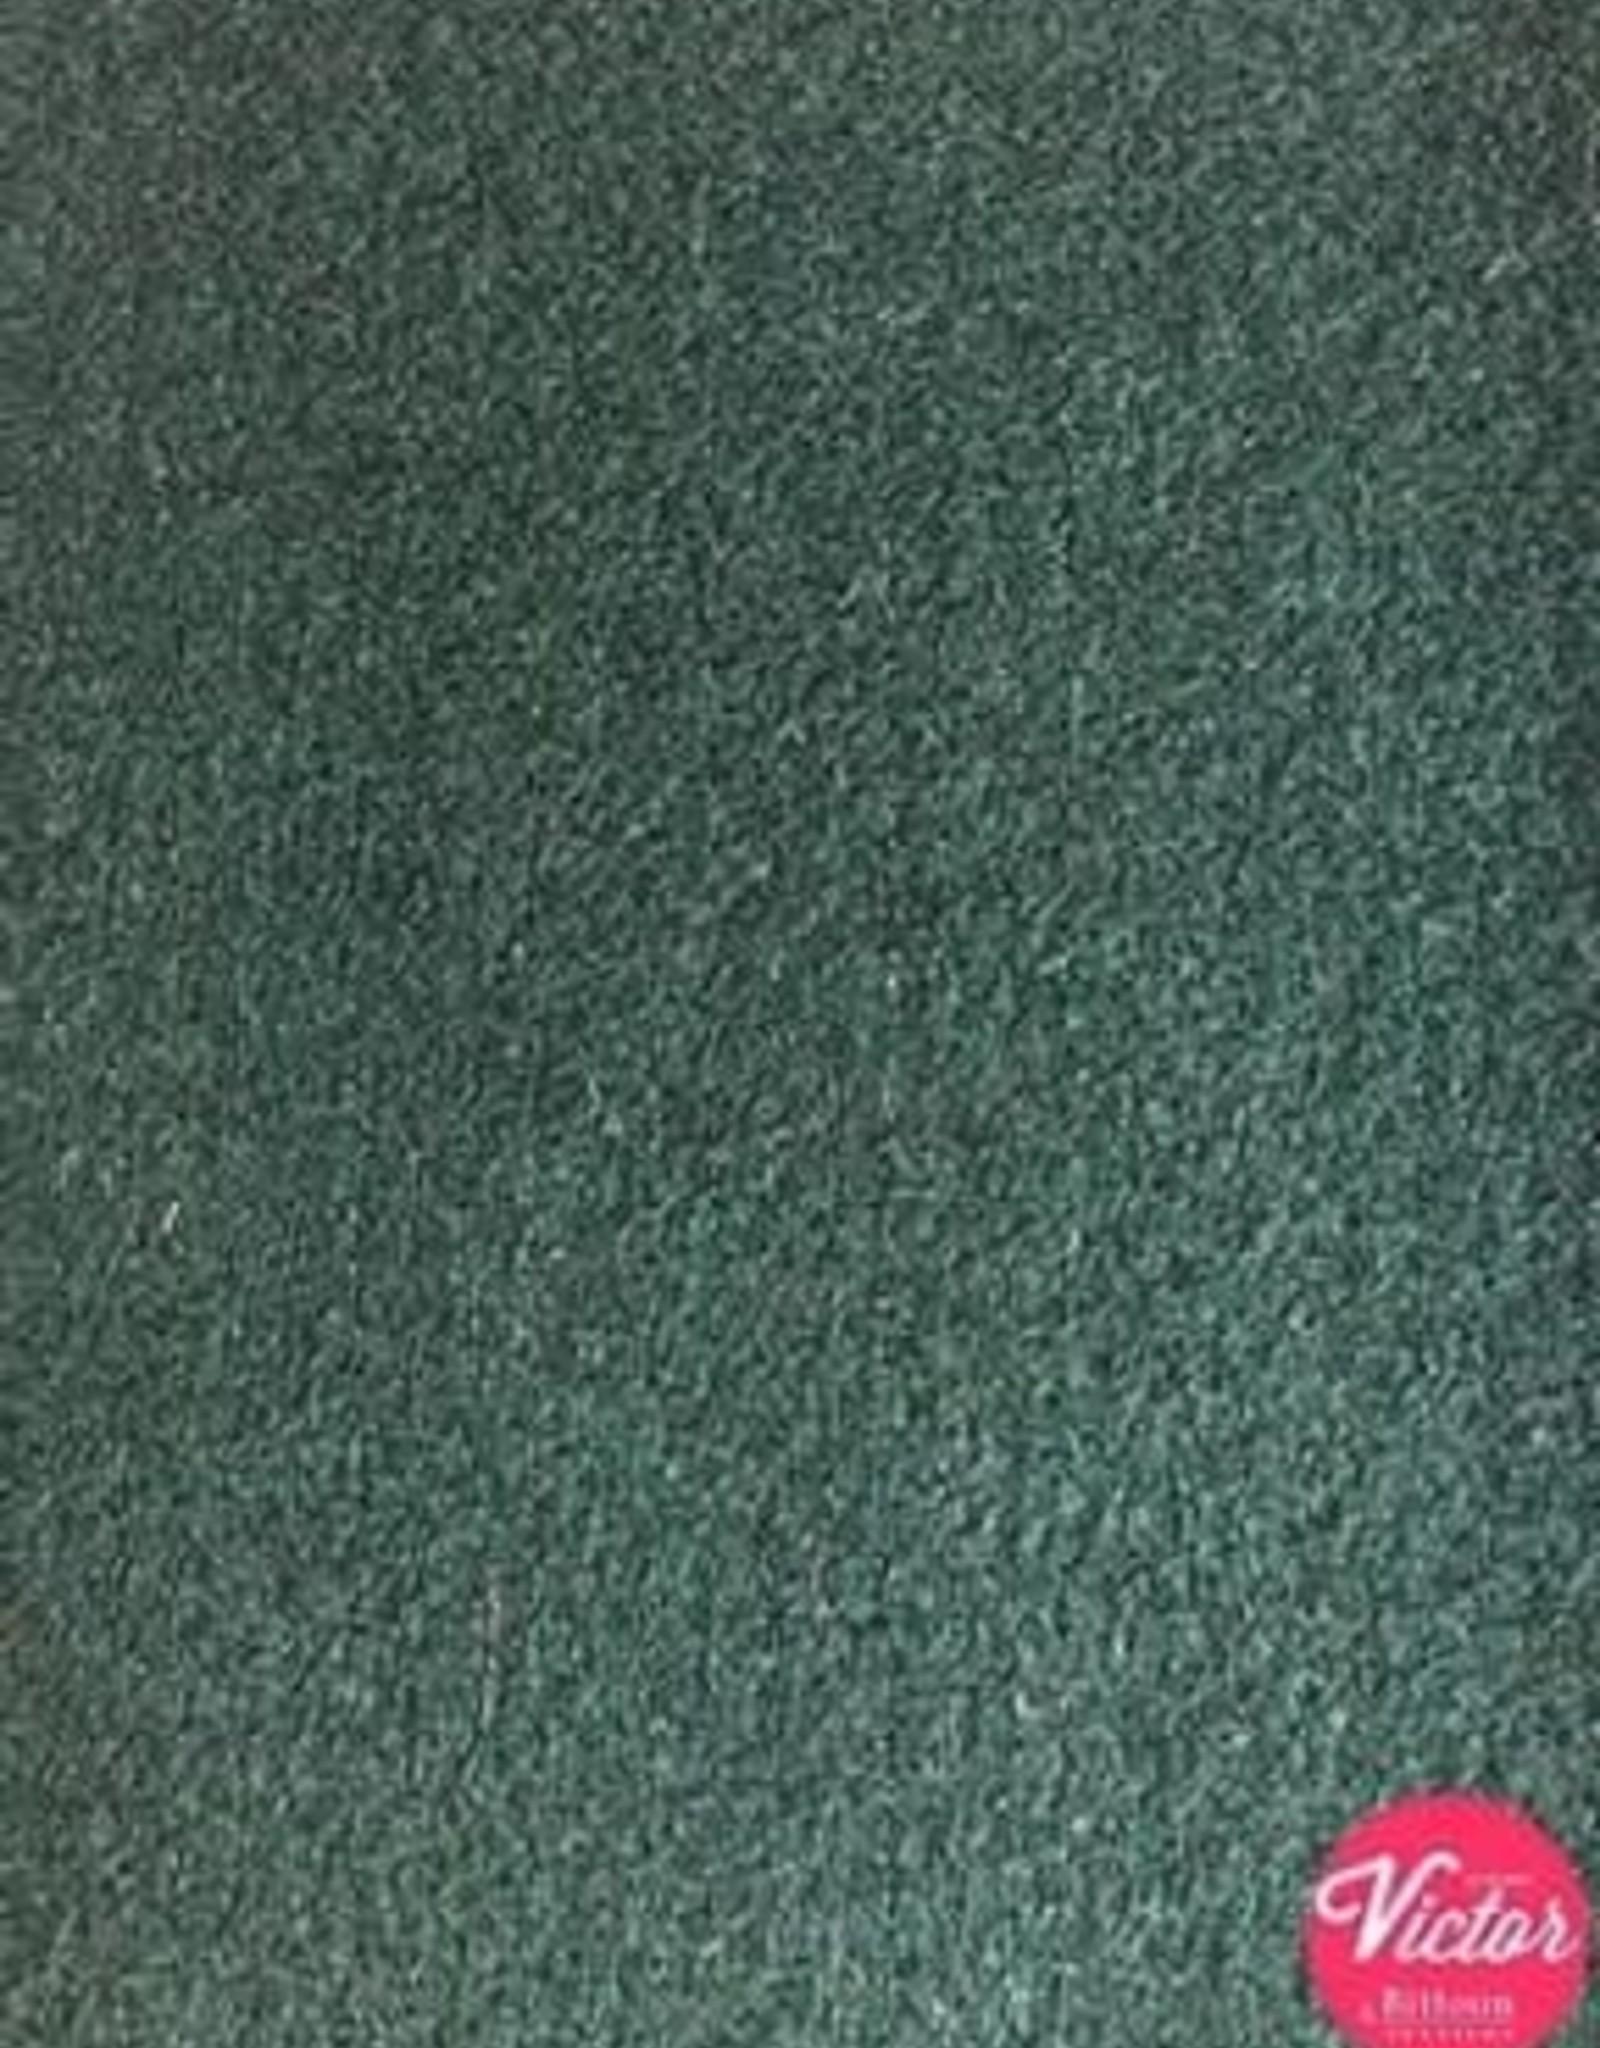 Bittoun Bittoun donkergroene jasstof Sarka